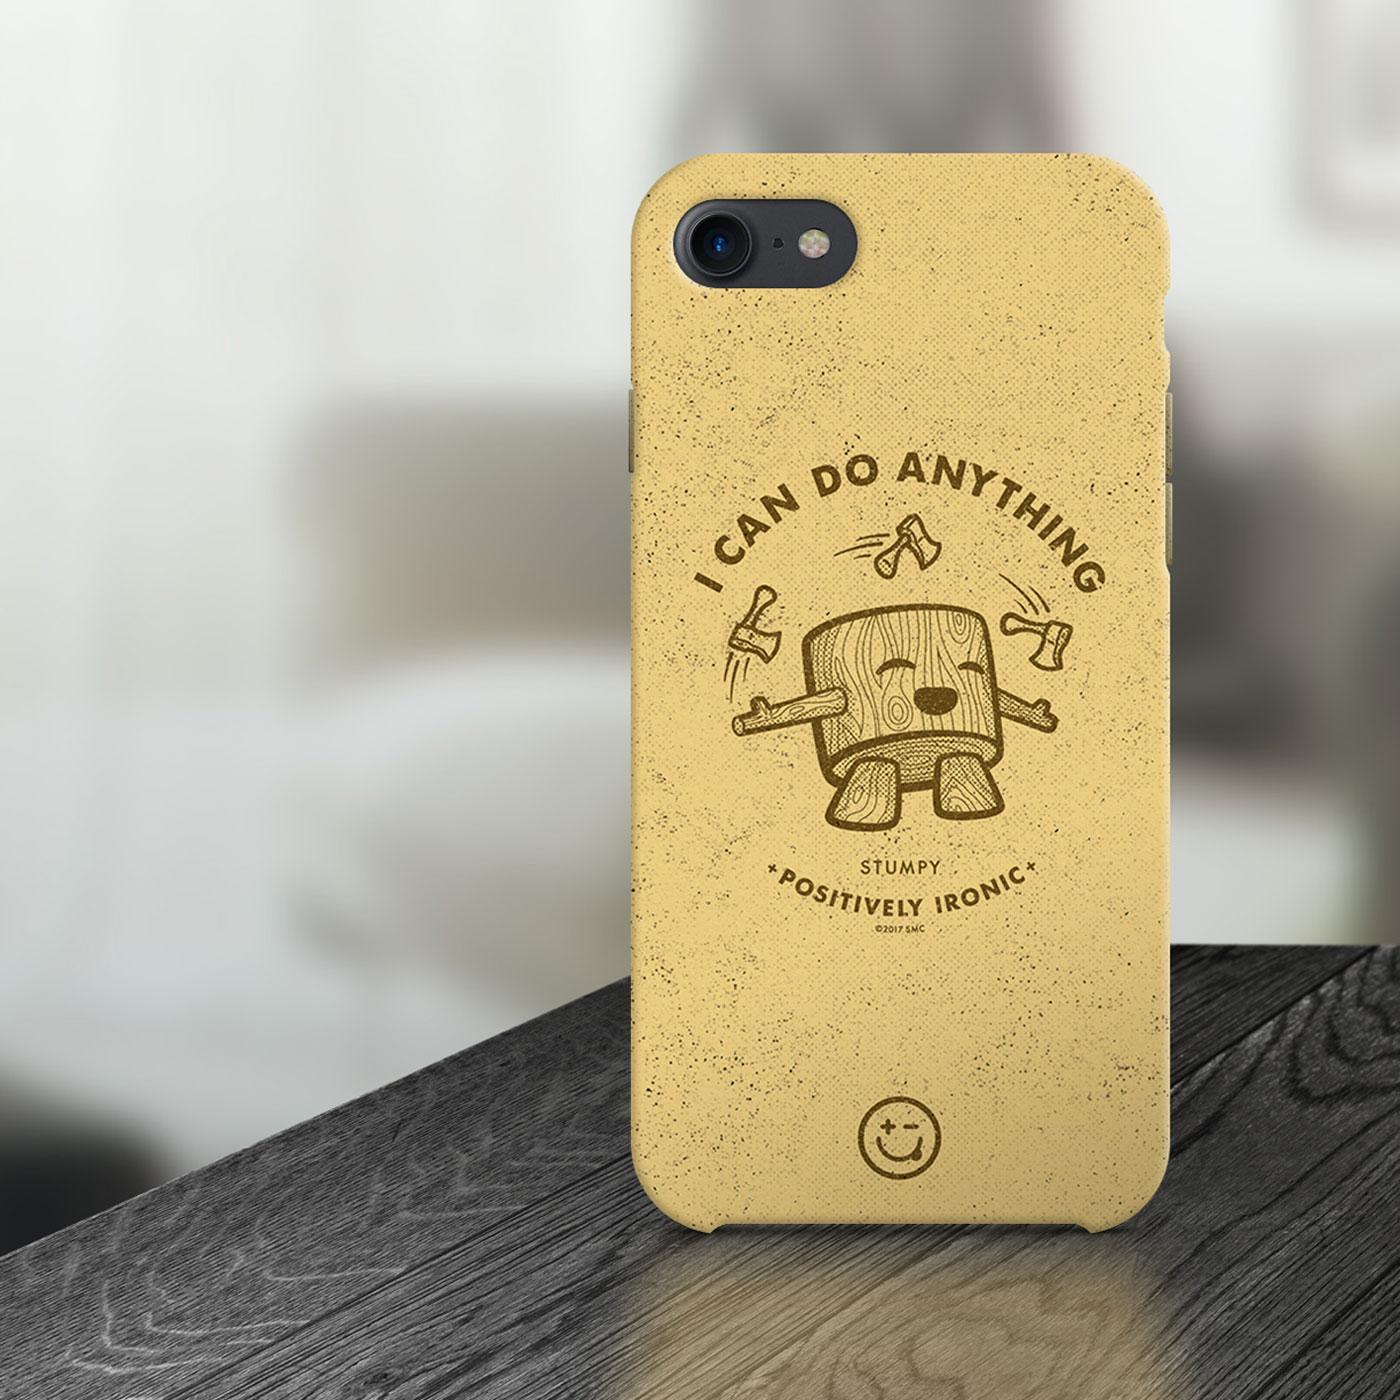 Stumpy Product Design Dallas TX